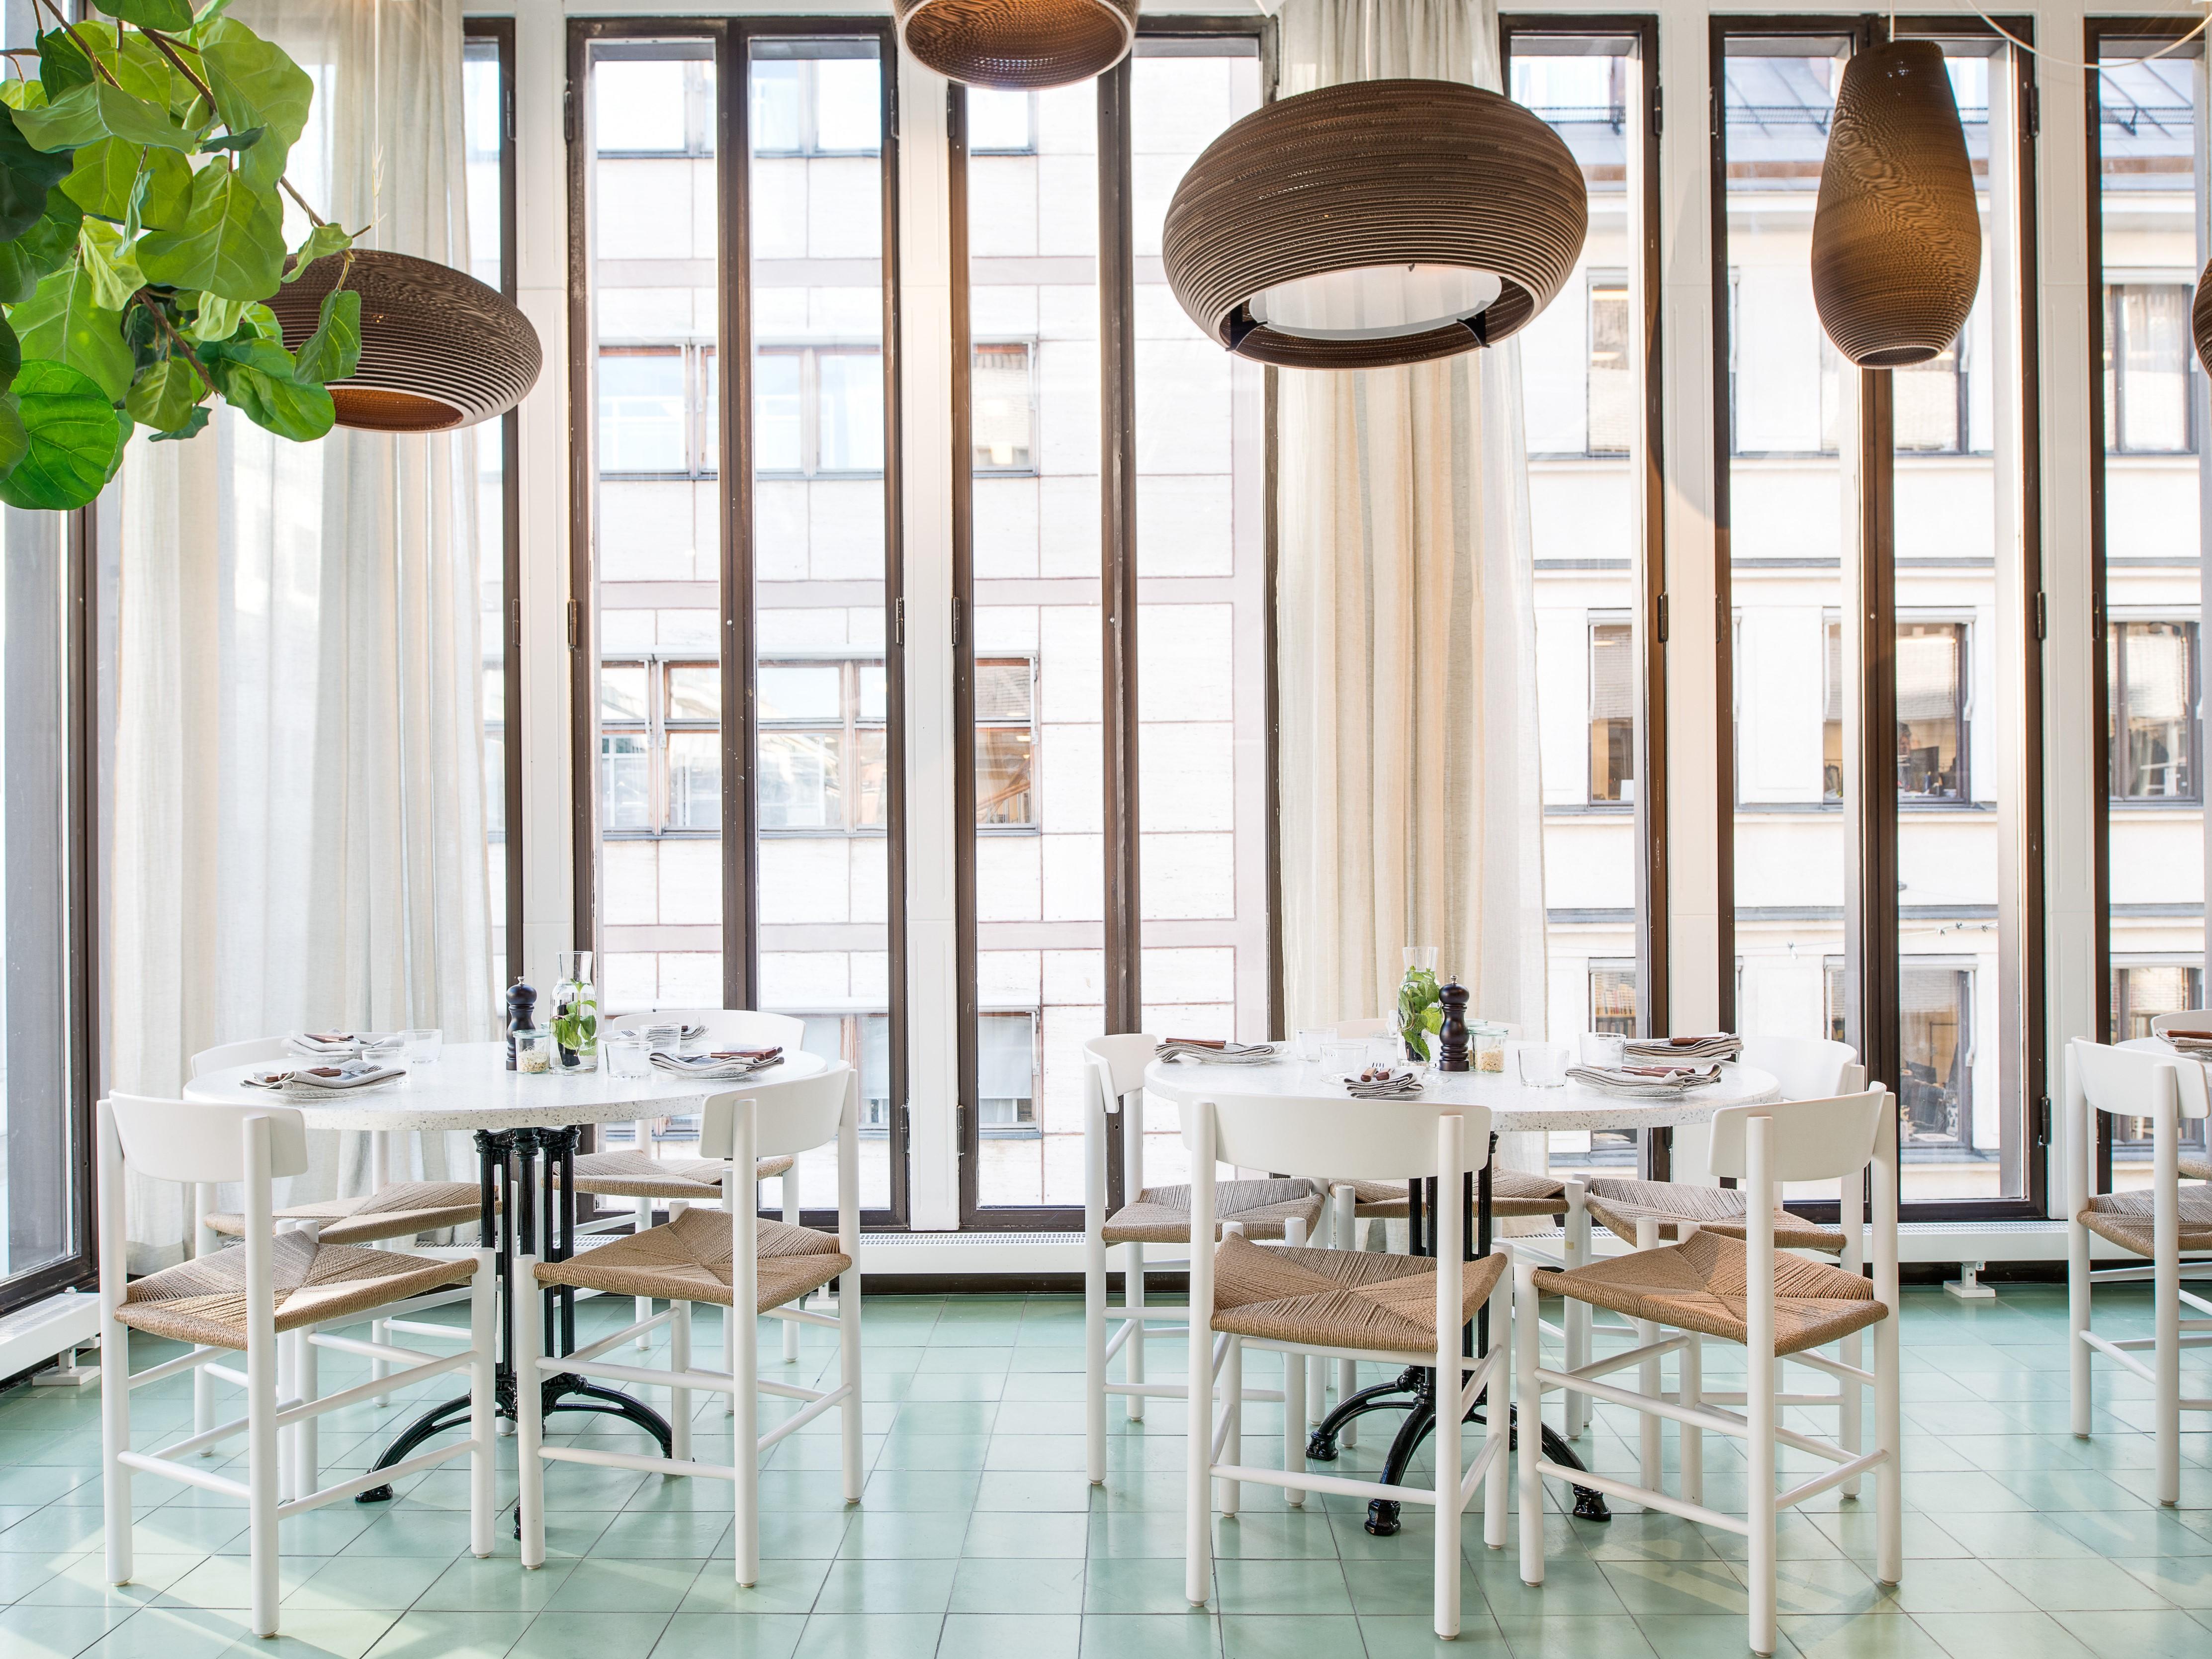 Restaurang_Sally_Voltaire_&_Systrar_05